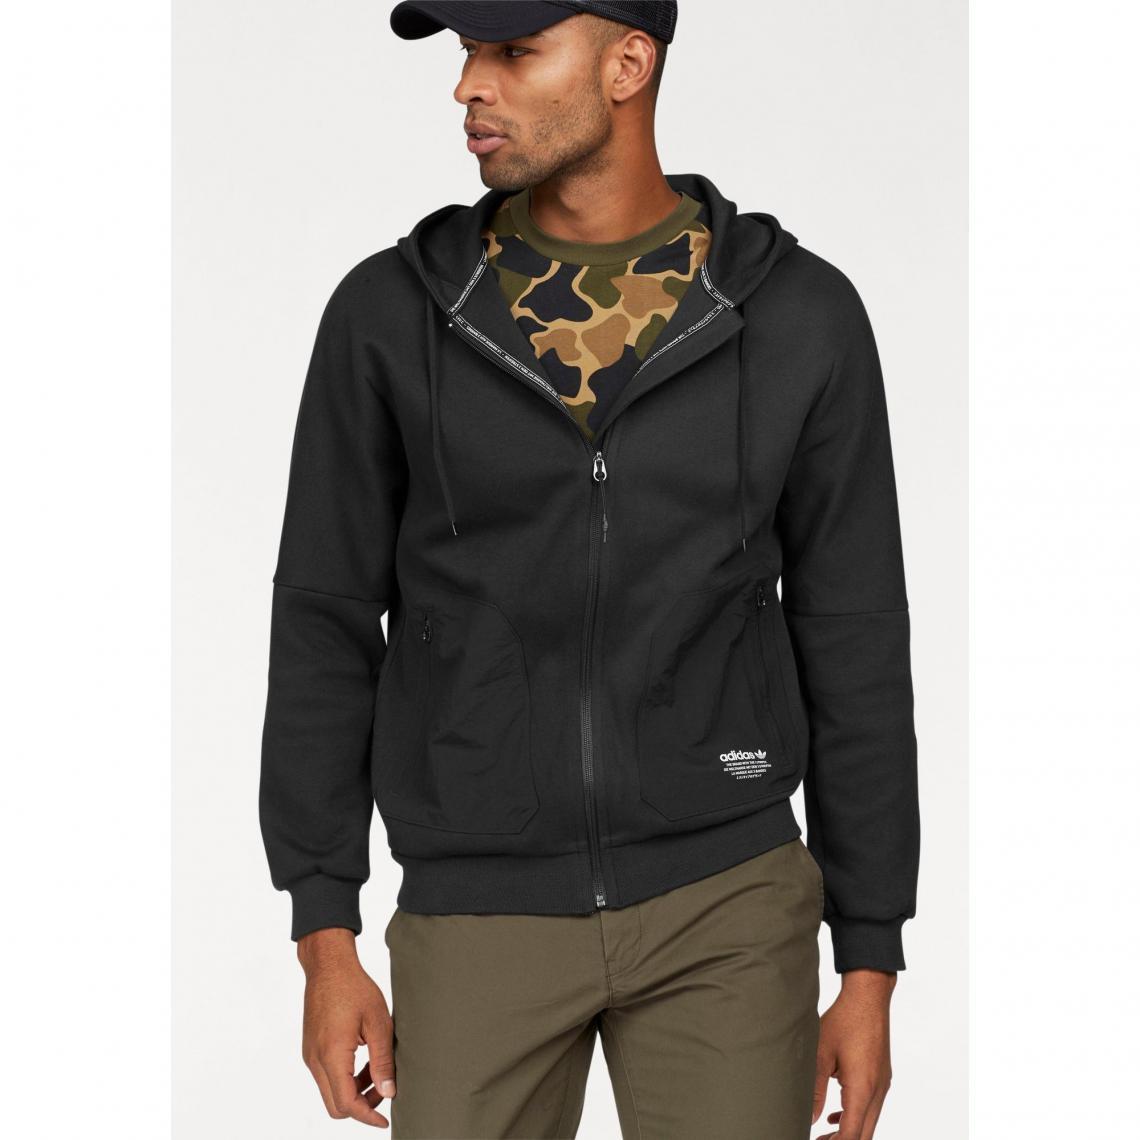 Sweat zippé manches longues à capuche homme NMD adidas Originals - Noir  Adidas Originals Homme bd680ac4b93f